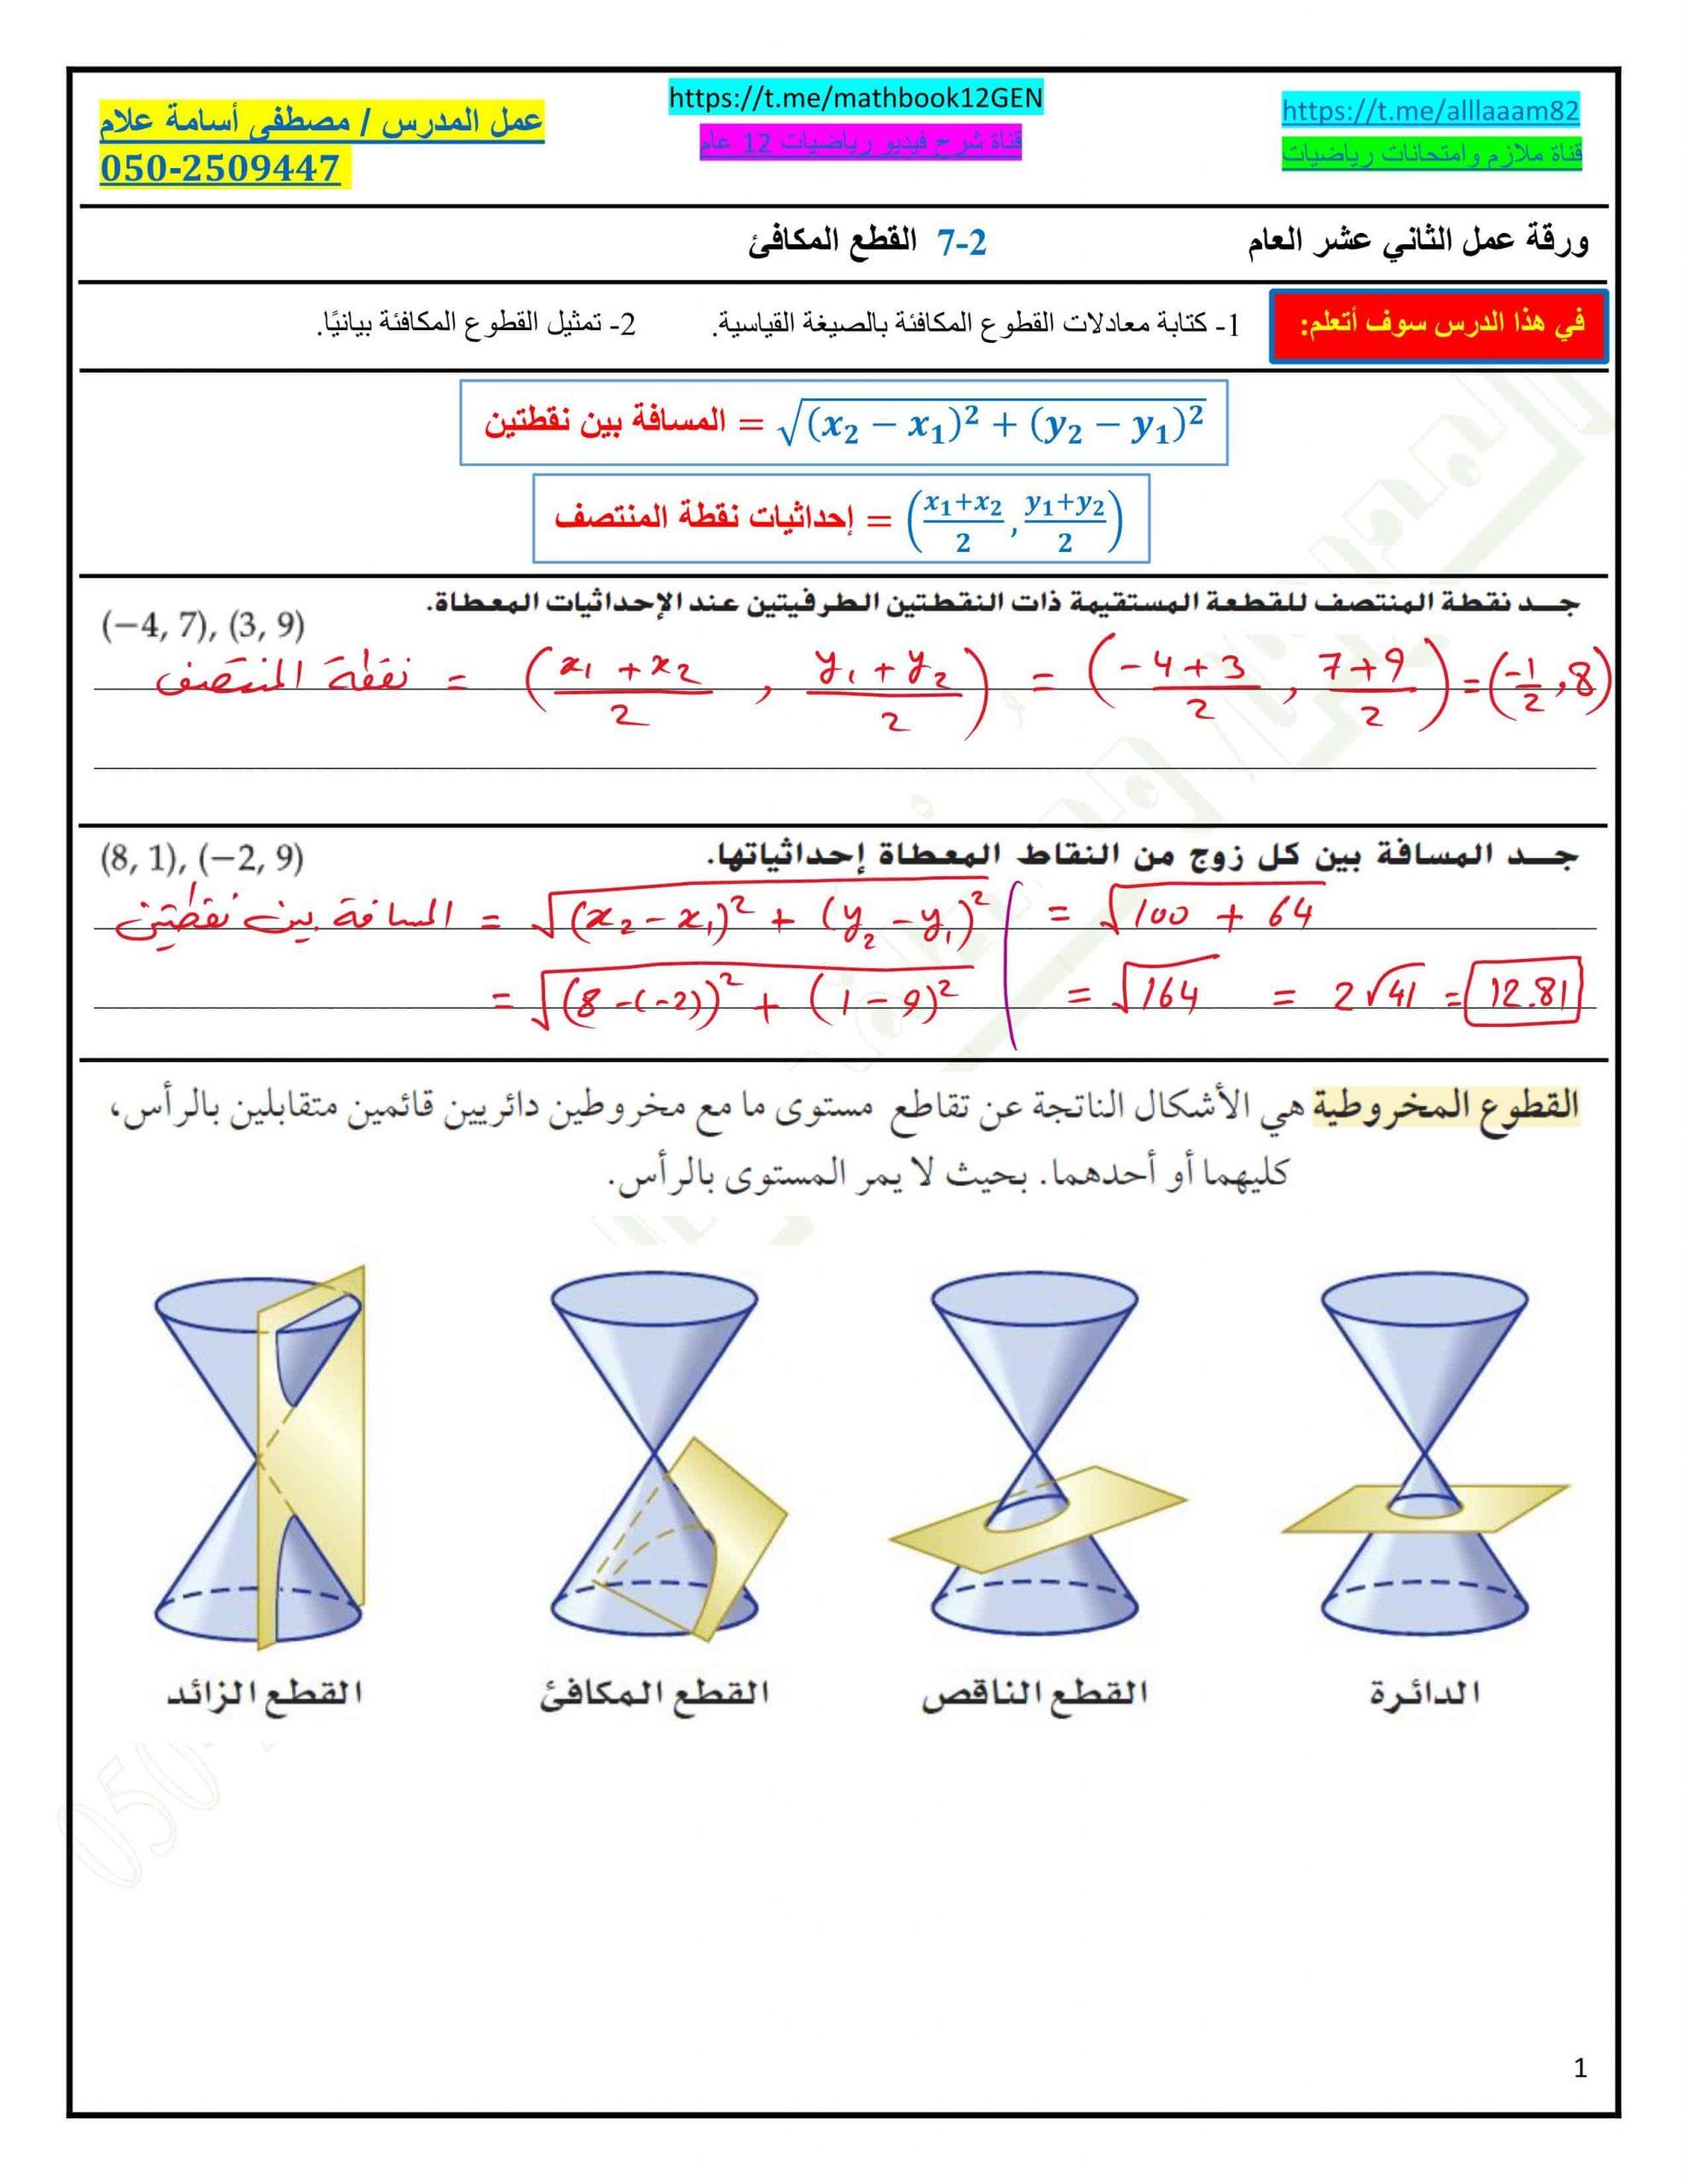 حل ورقة عمل القطع المكافئ الصف الثاني عشر عام مادة الرياضيات المتكاملة